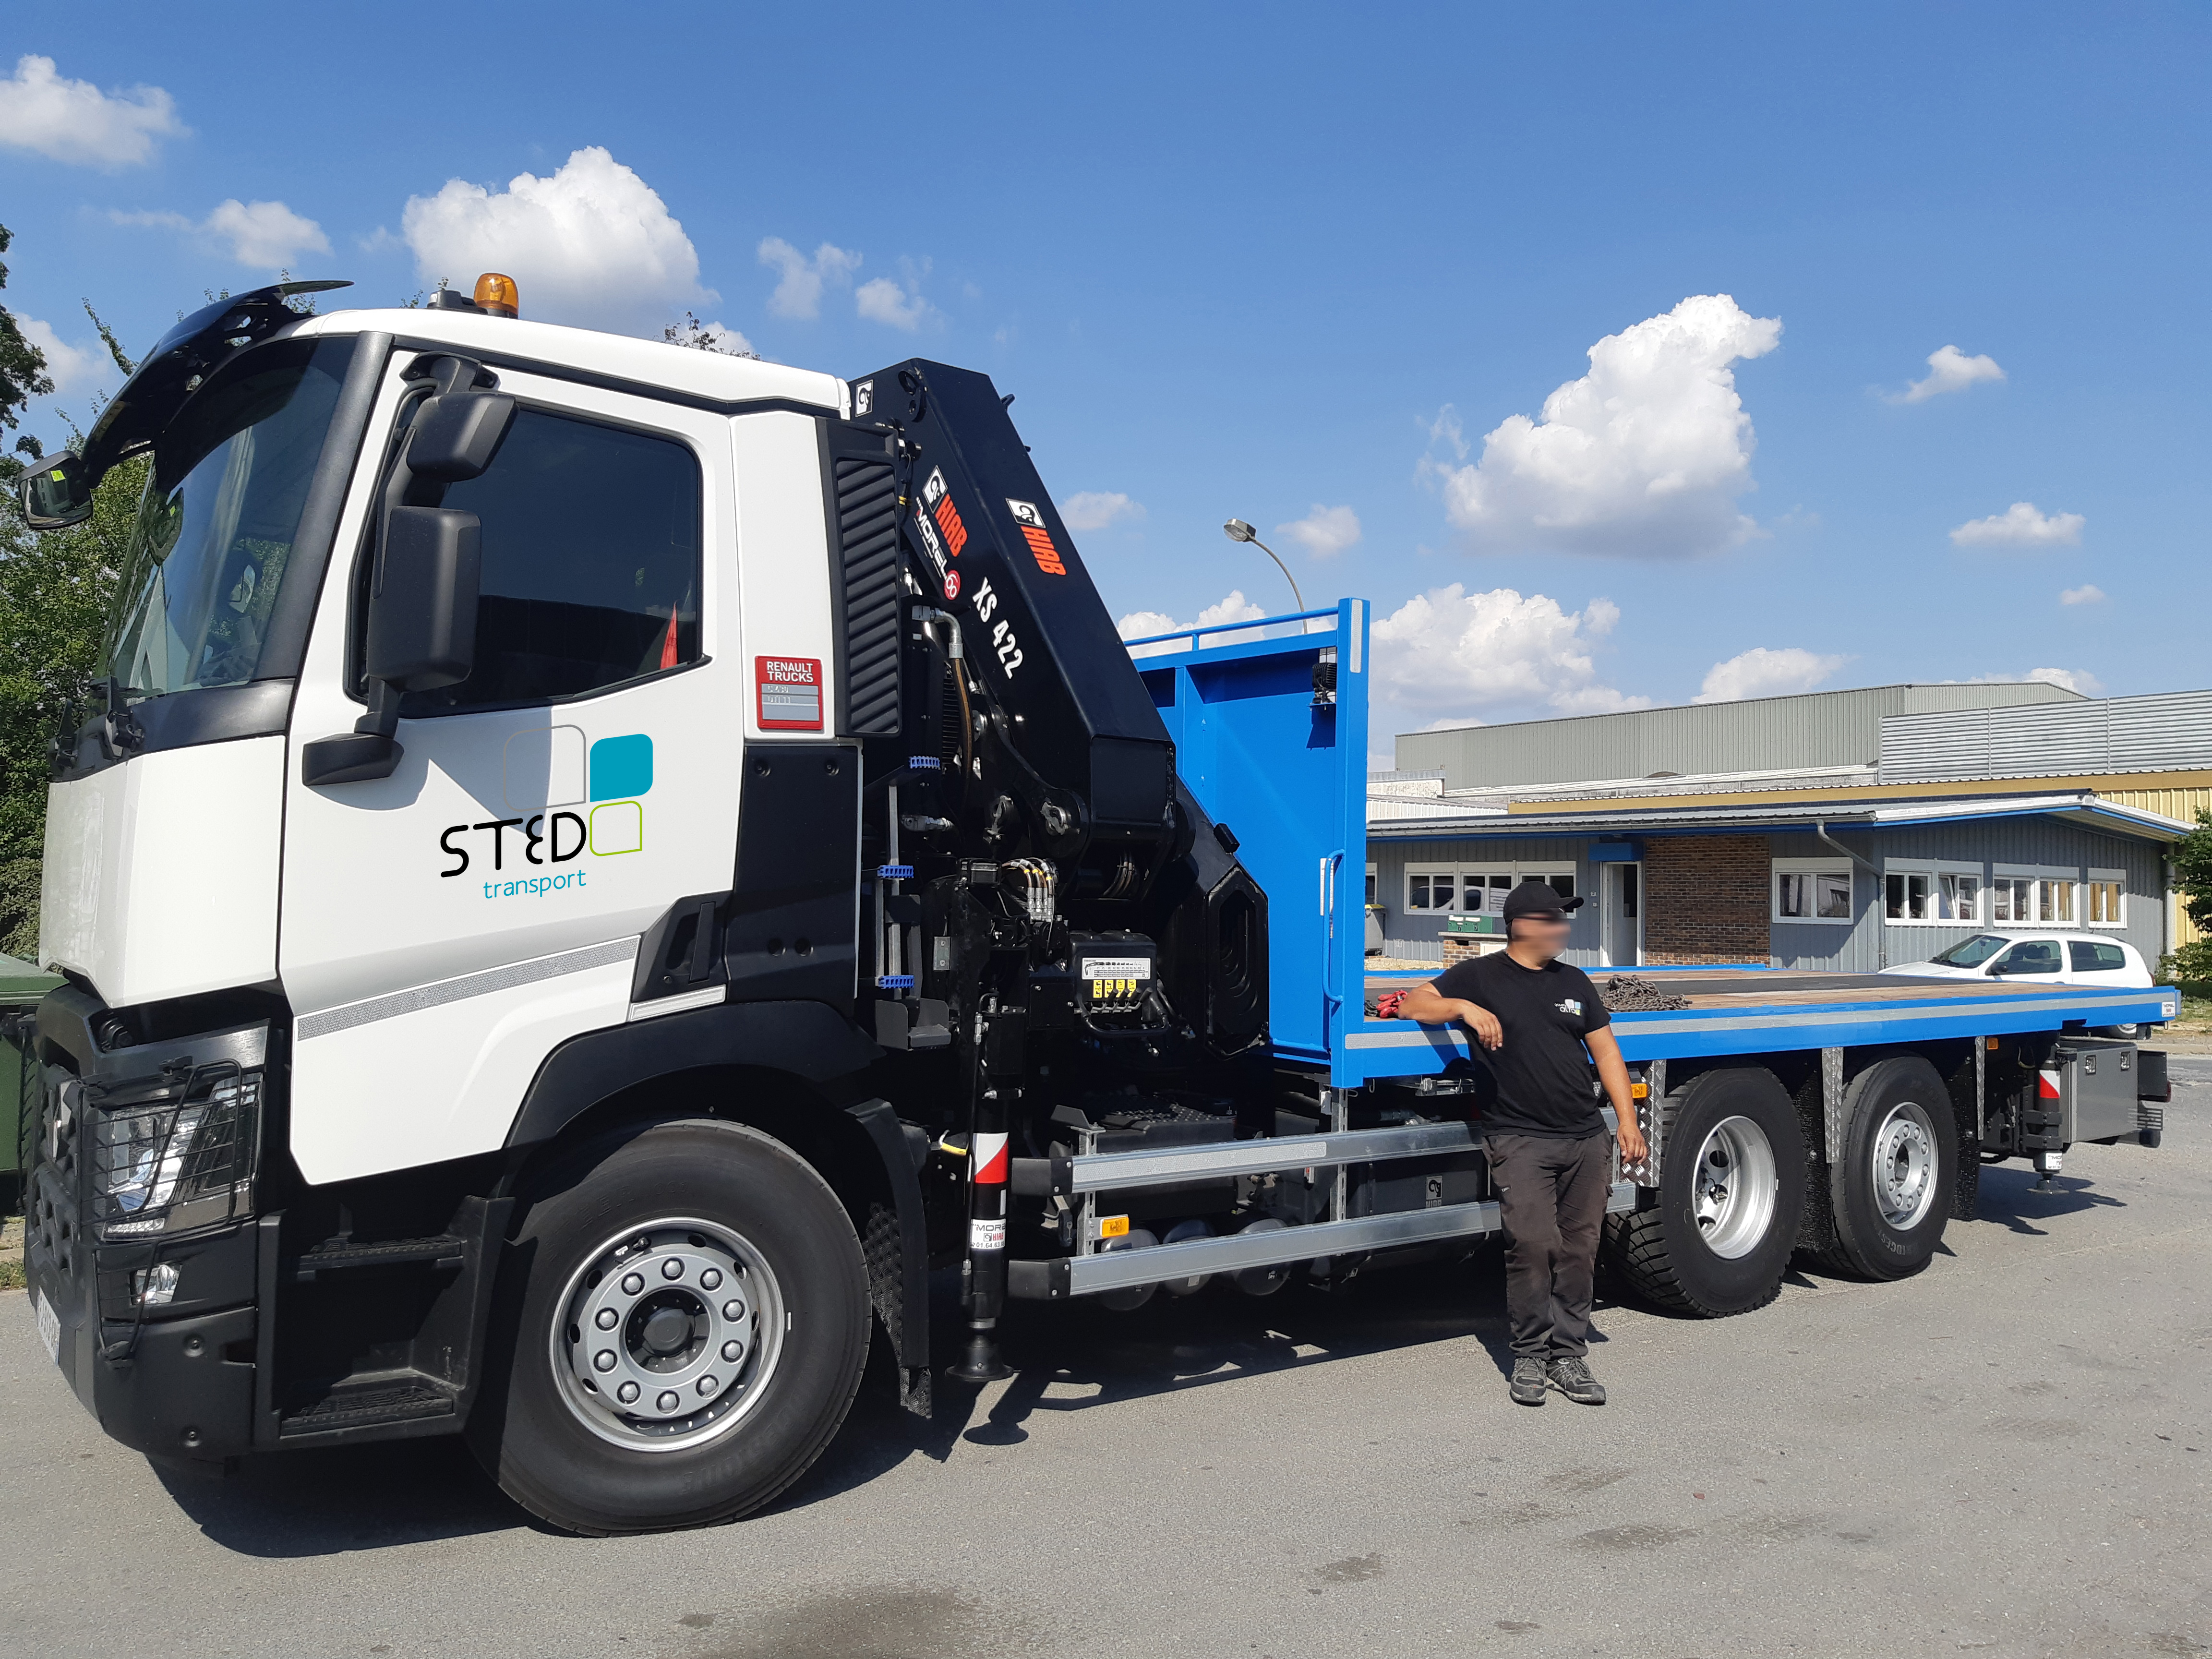 Nouveau-Renault-Porte-engins-STED-Transport